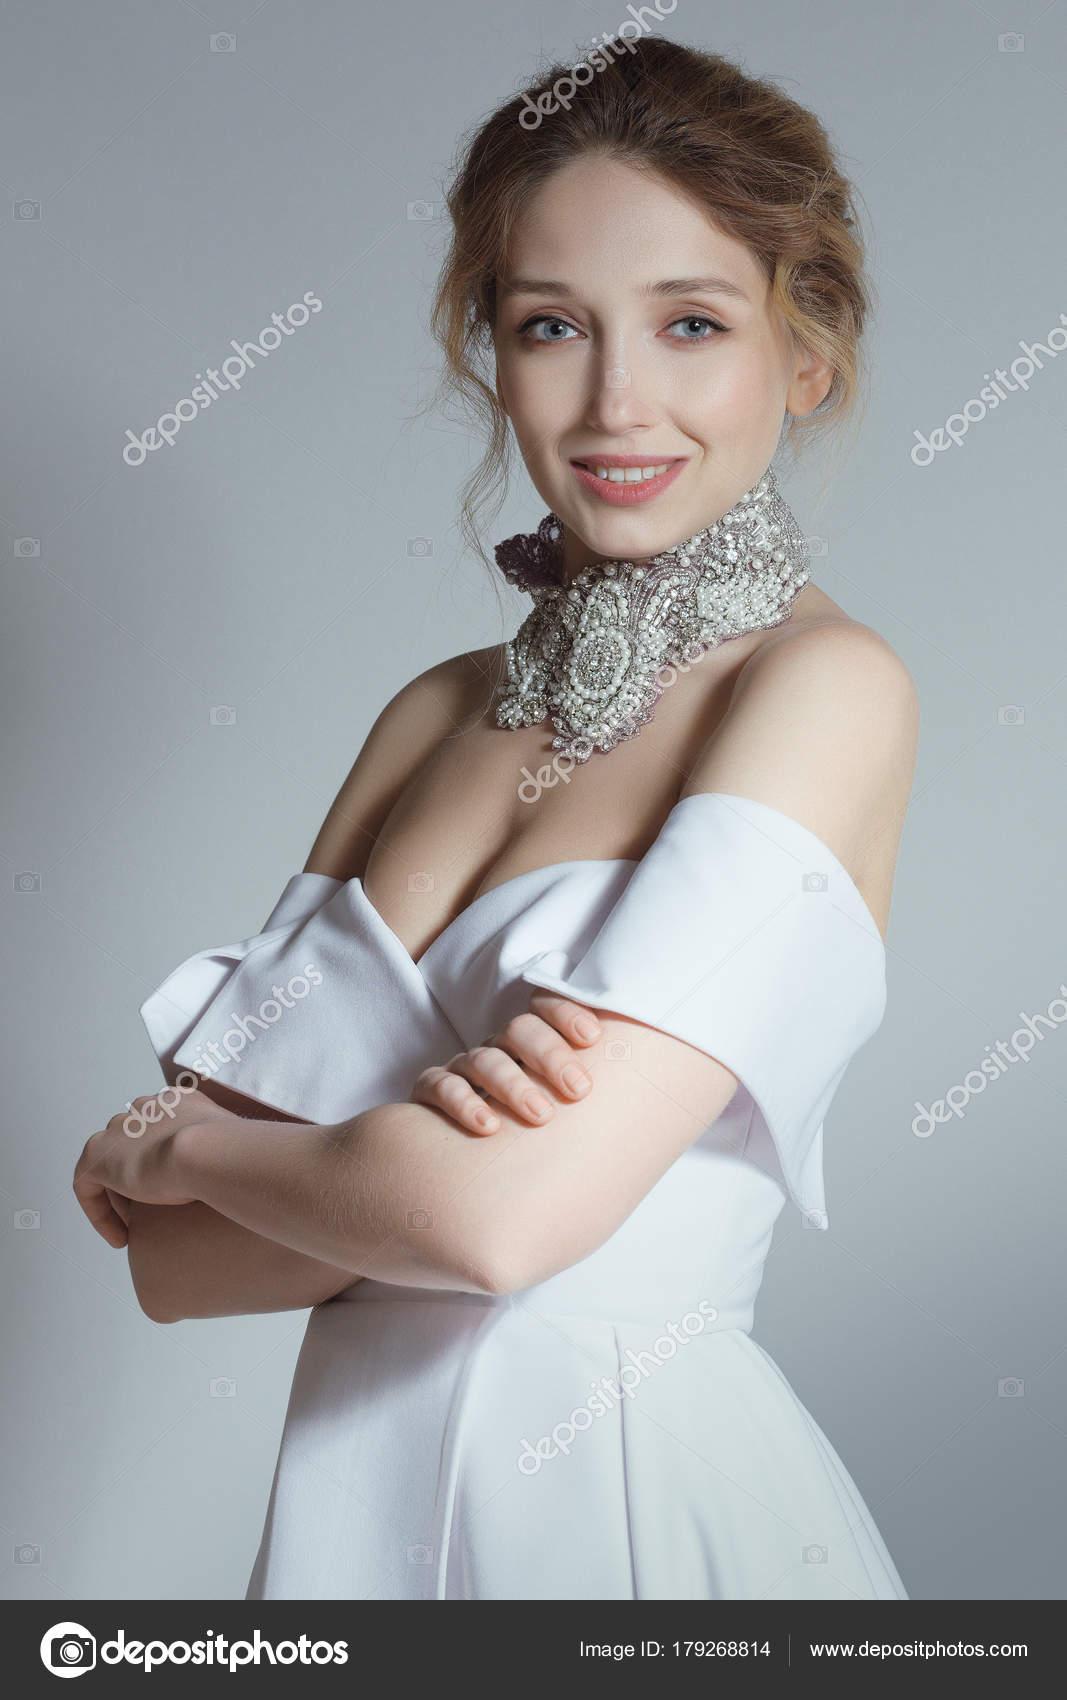 Эро моделей фото красивых невест в свадебных чулках девушки колготках трутся